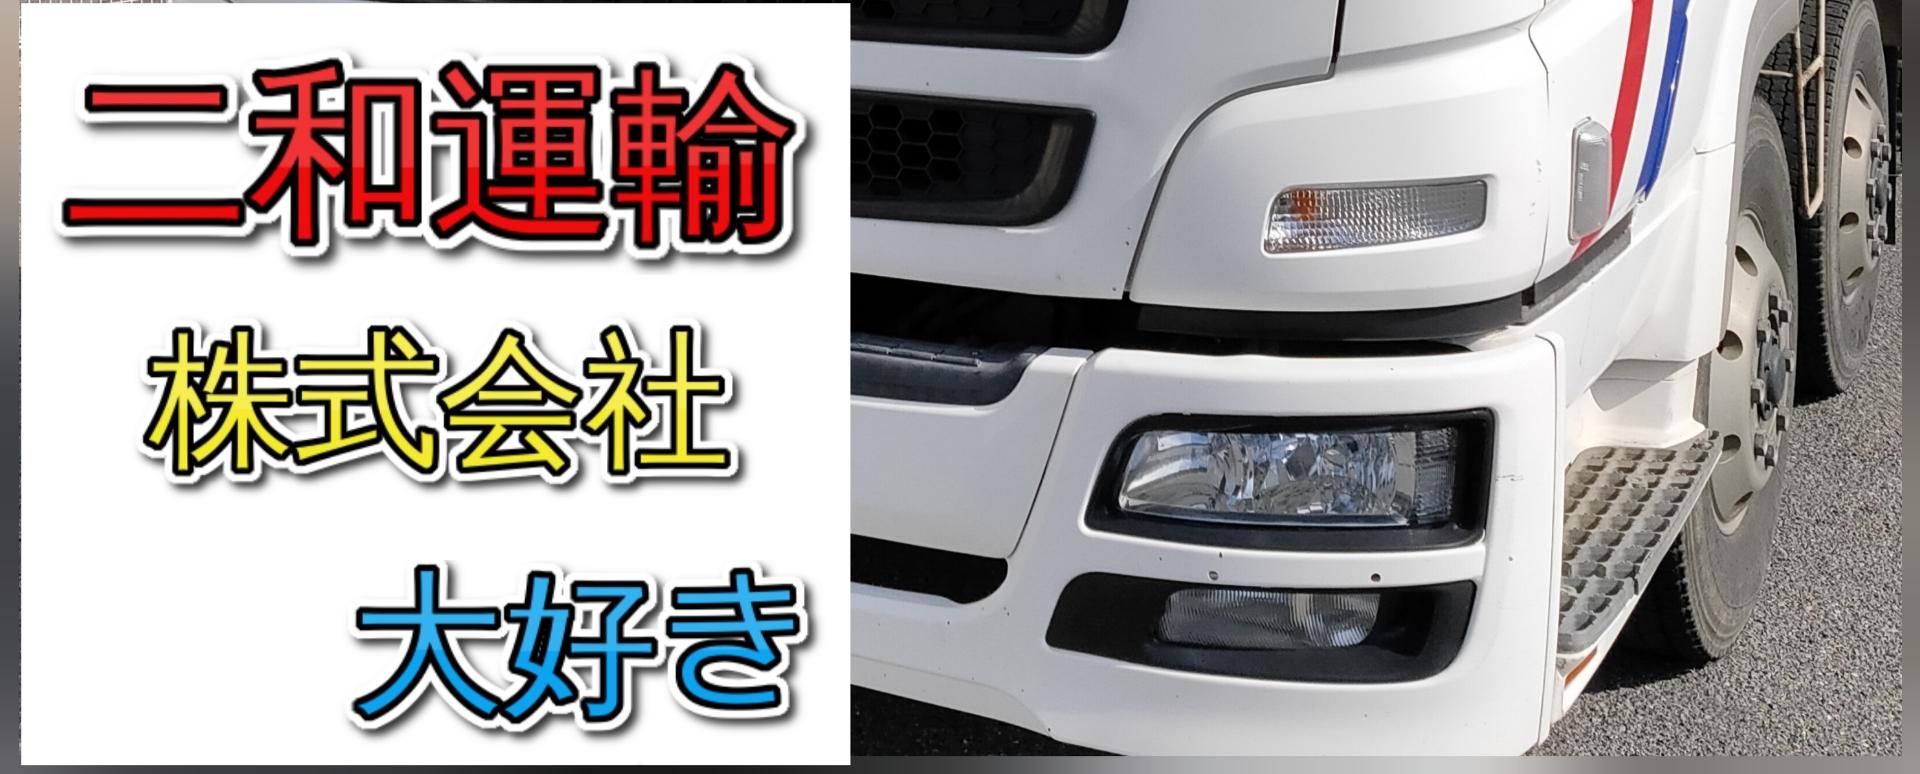 二和運輸株式会社 大好き 愛知県名古屋市のタンクローリー